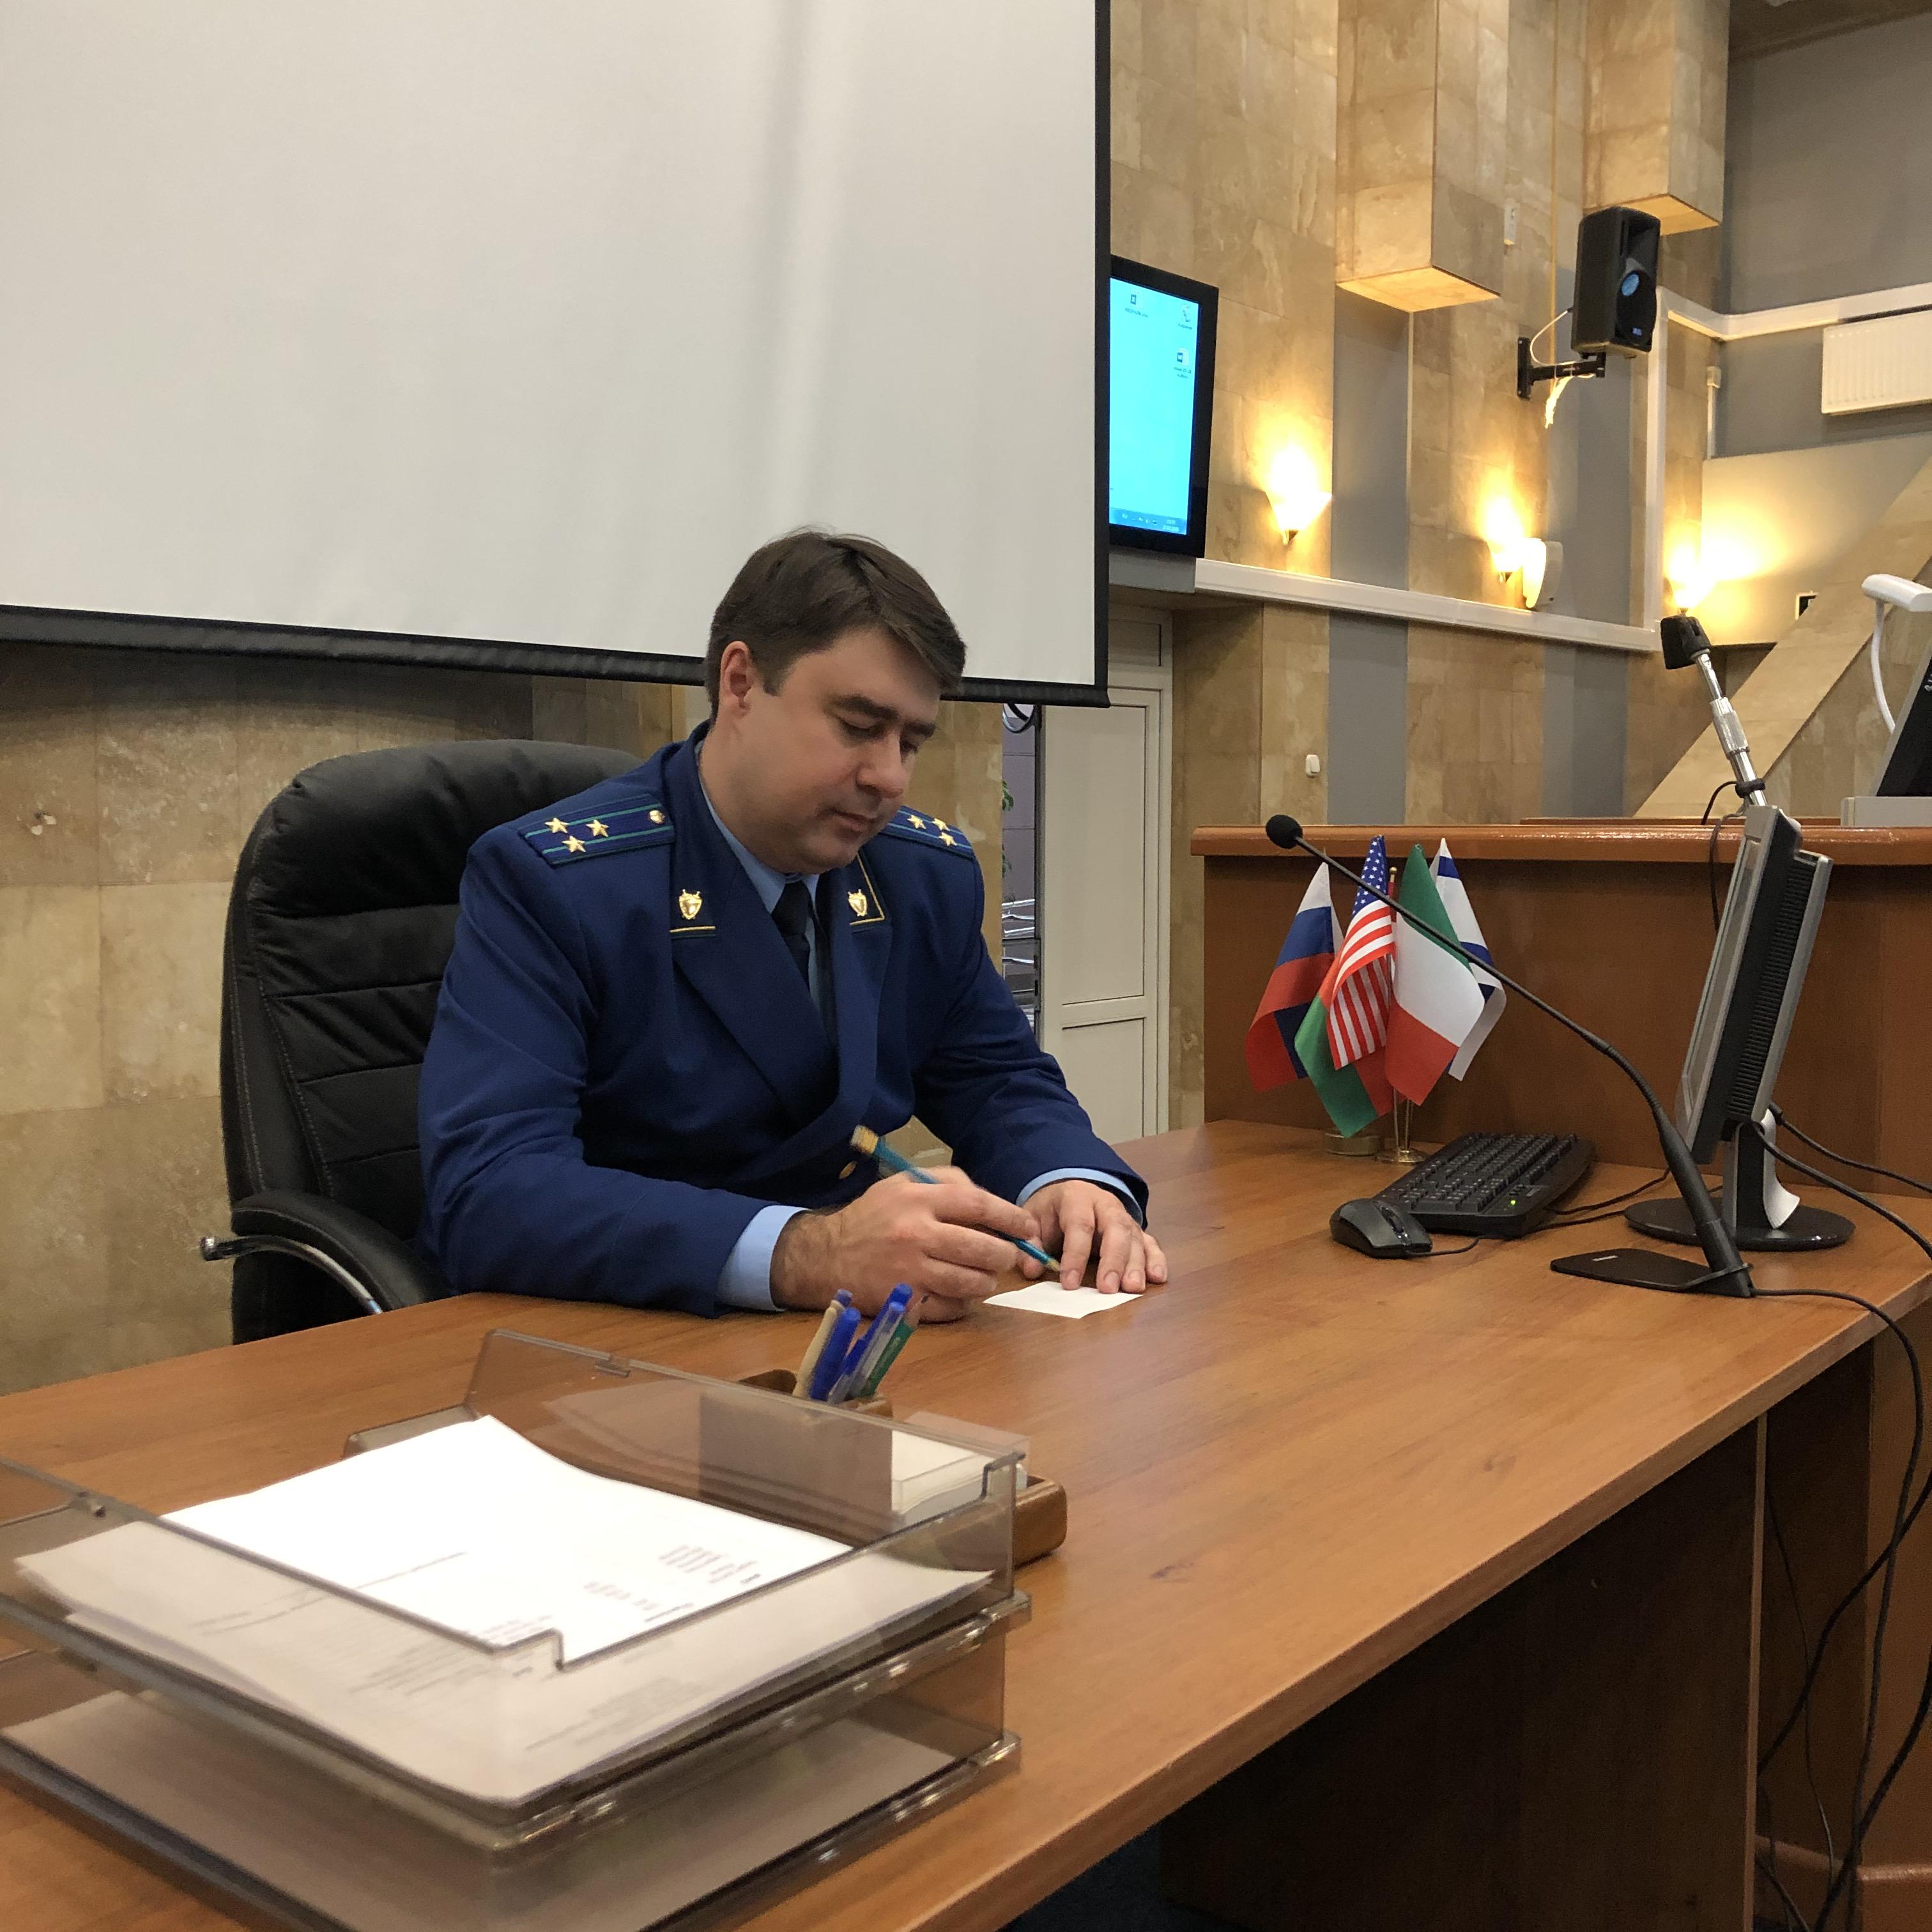 Прокурор Солнцевской районной прокуратуры встретился с родителями детей-инвалидов в НПЦ.